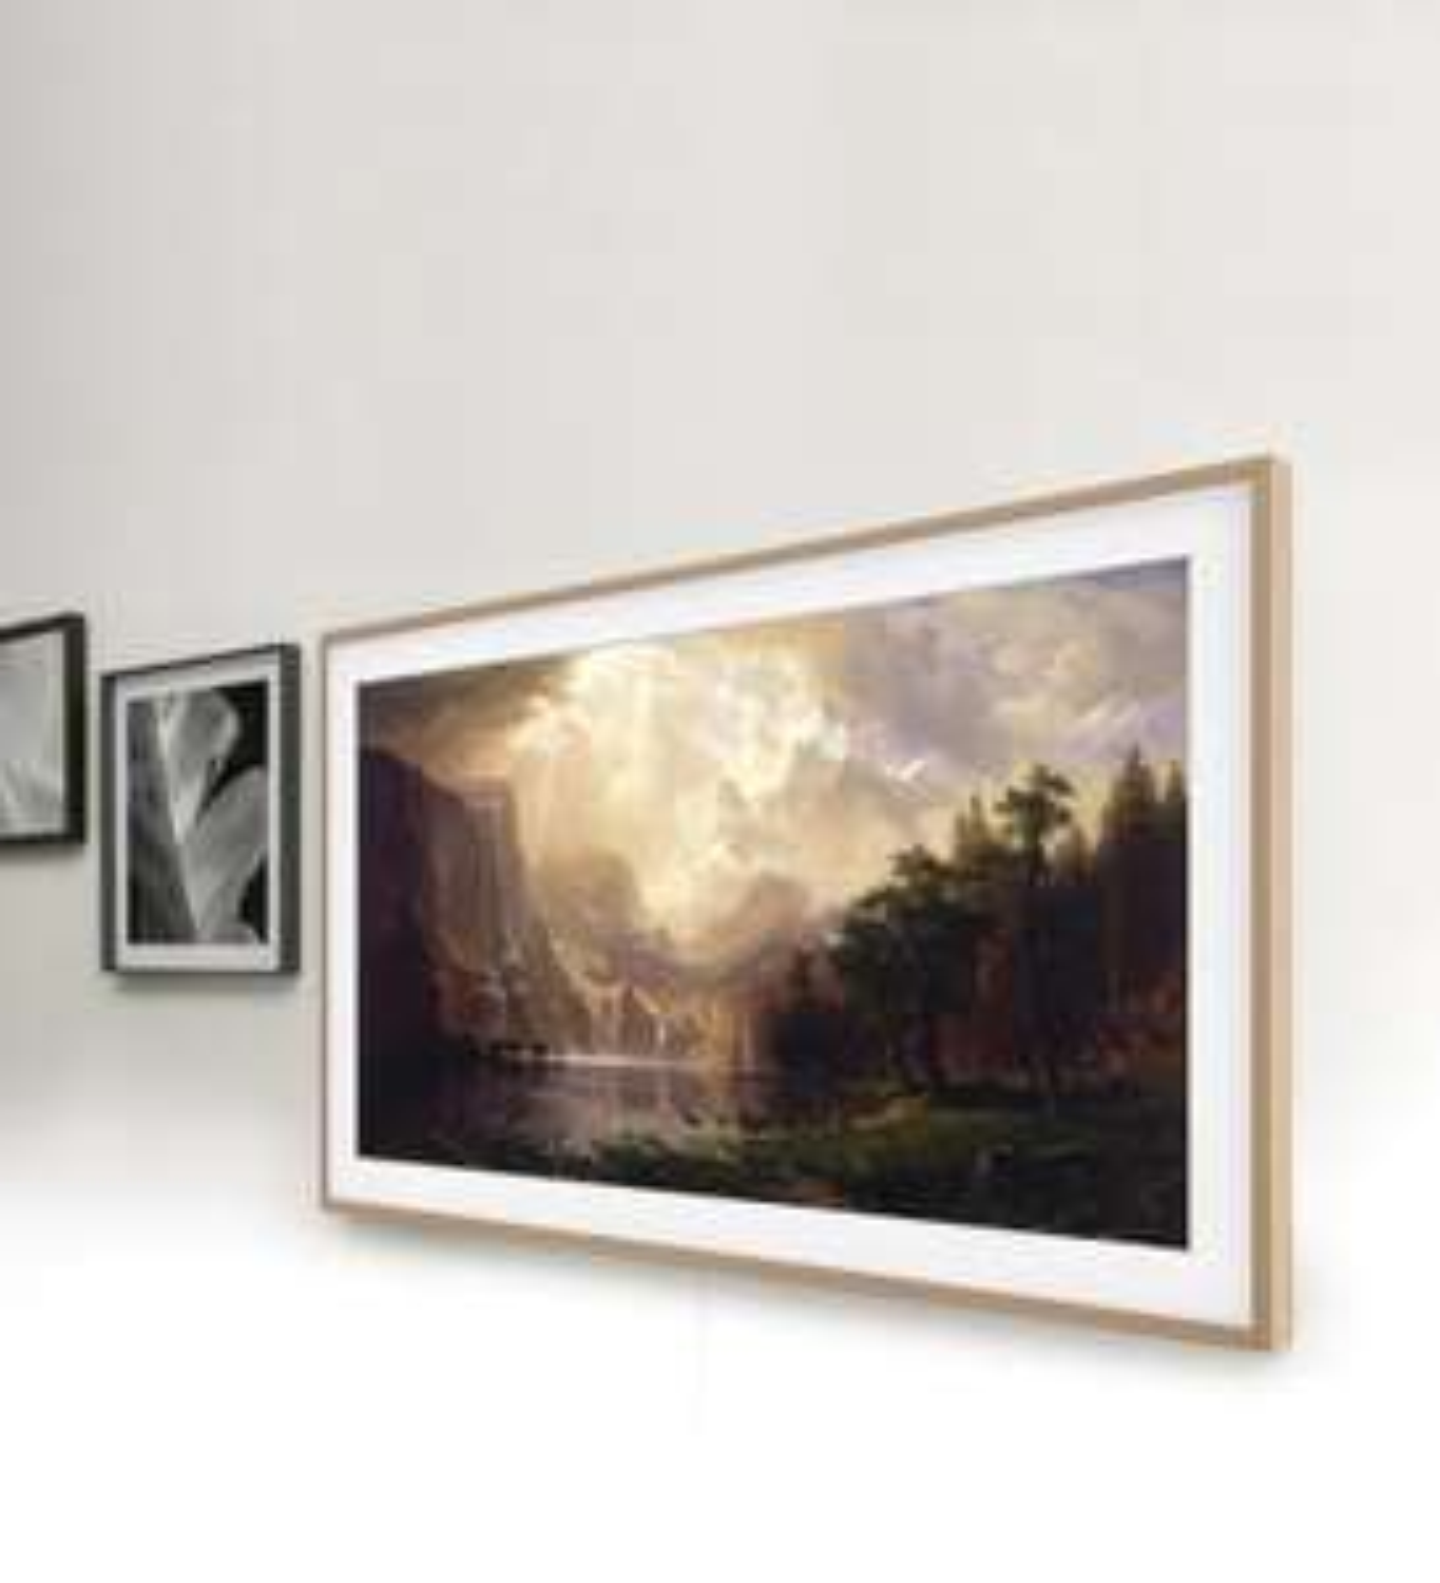 Samsung The Frame (2020) GQ65LS03TAU + Rahmen beige oder weiß - 100 Hz, HDMI 2.1